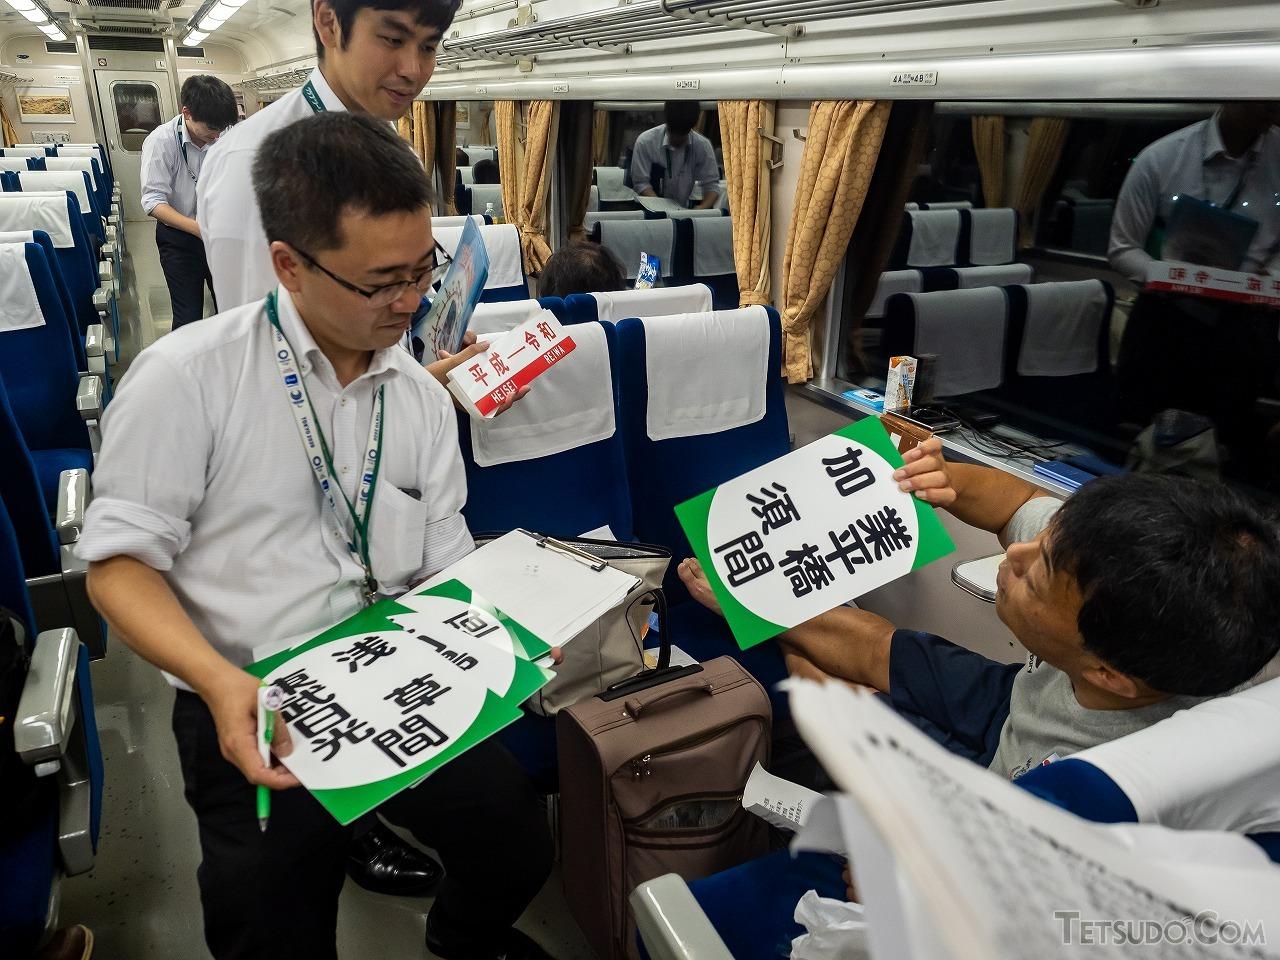 クラブツーリズムにより東武関連の鉄道グッズも販売されました。「平成→令和」のサボは貴重?